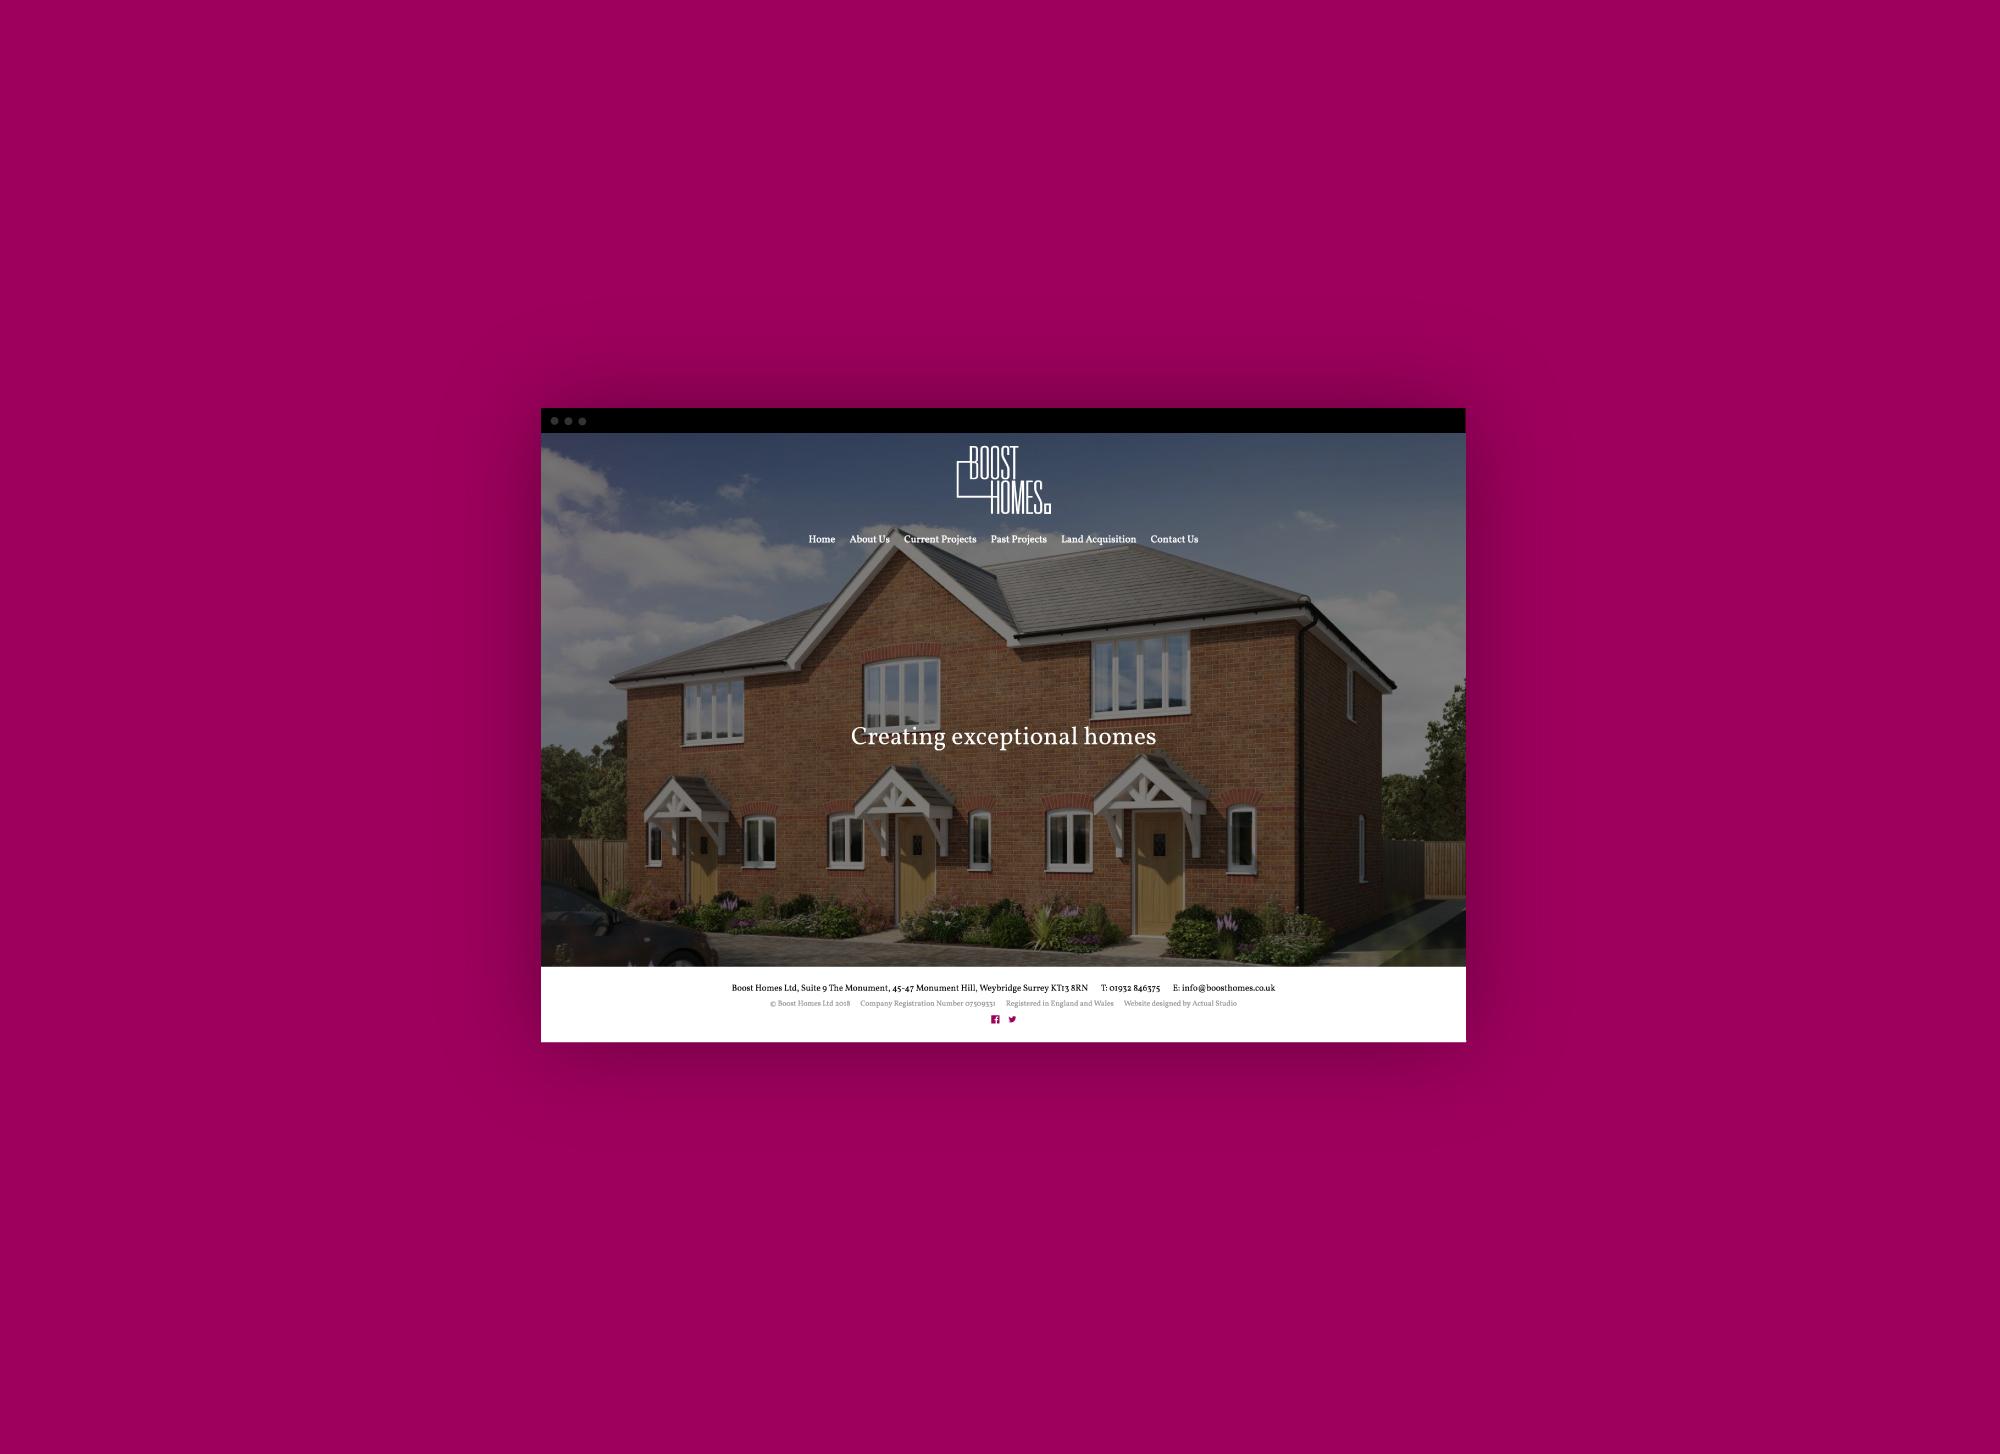 Website design for Boost Homes